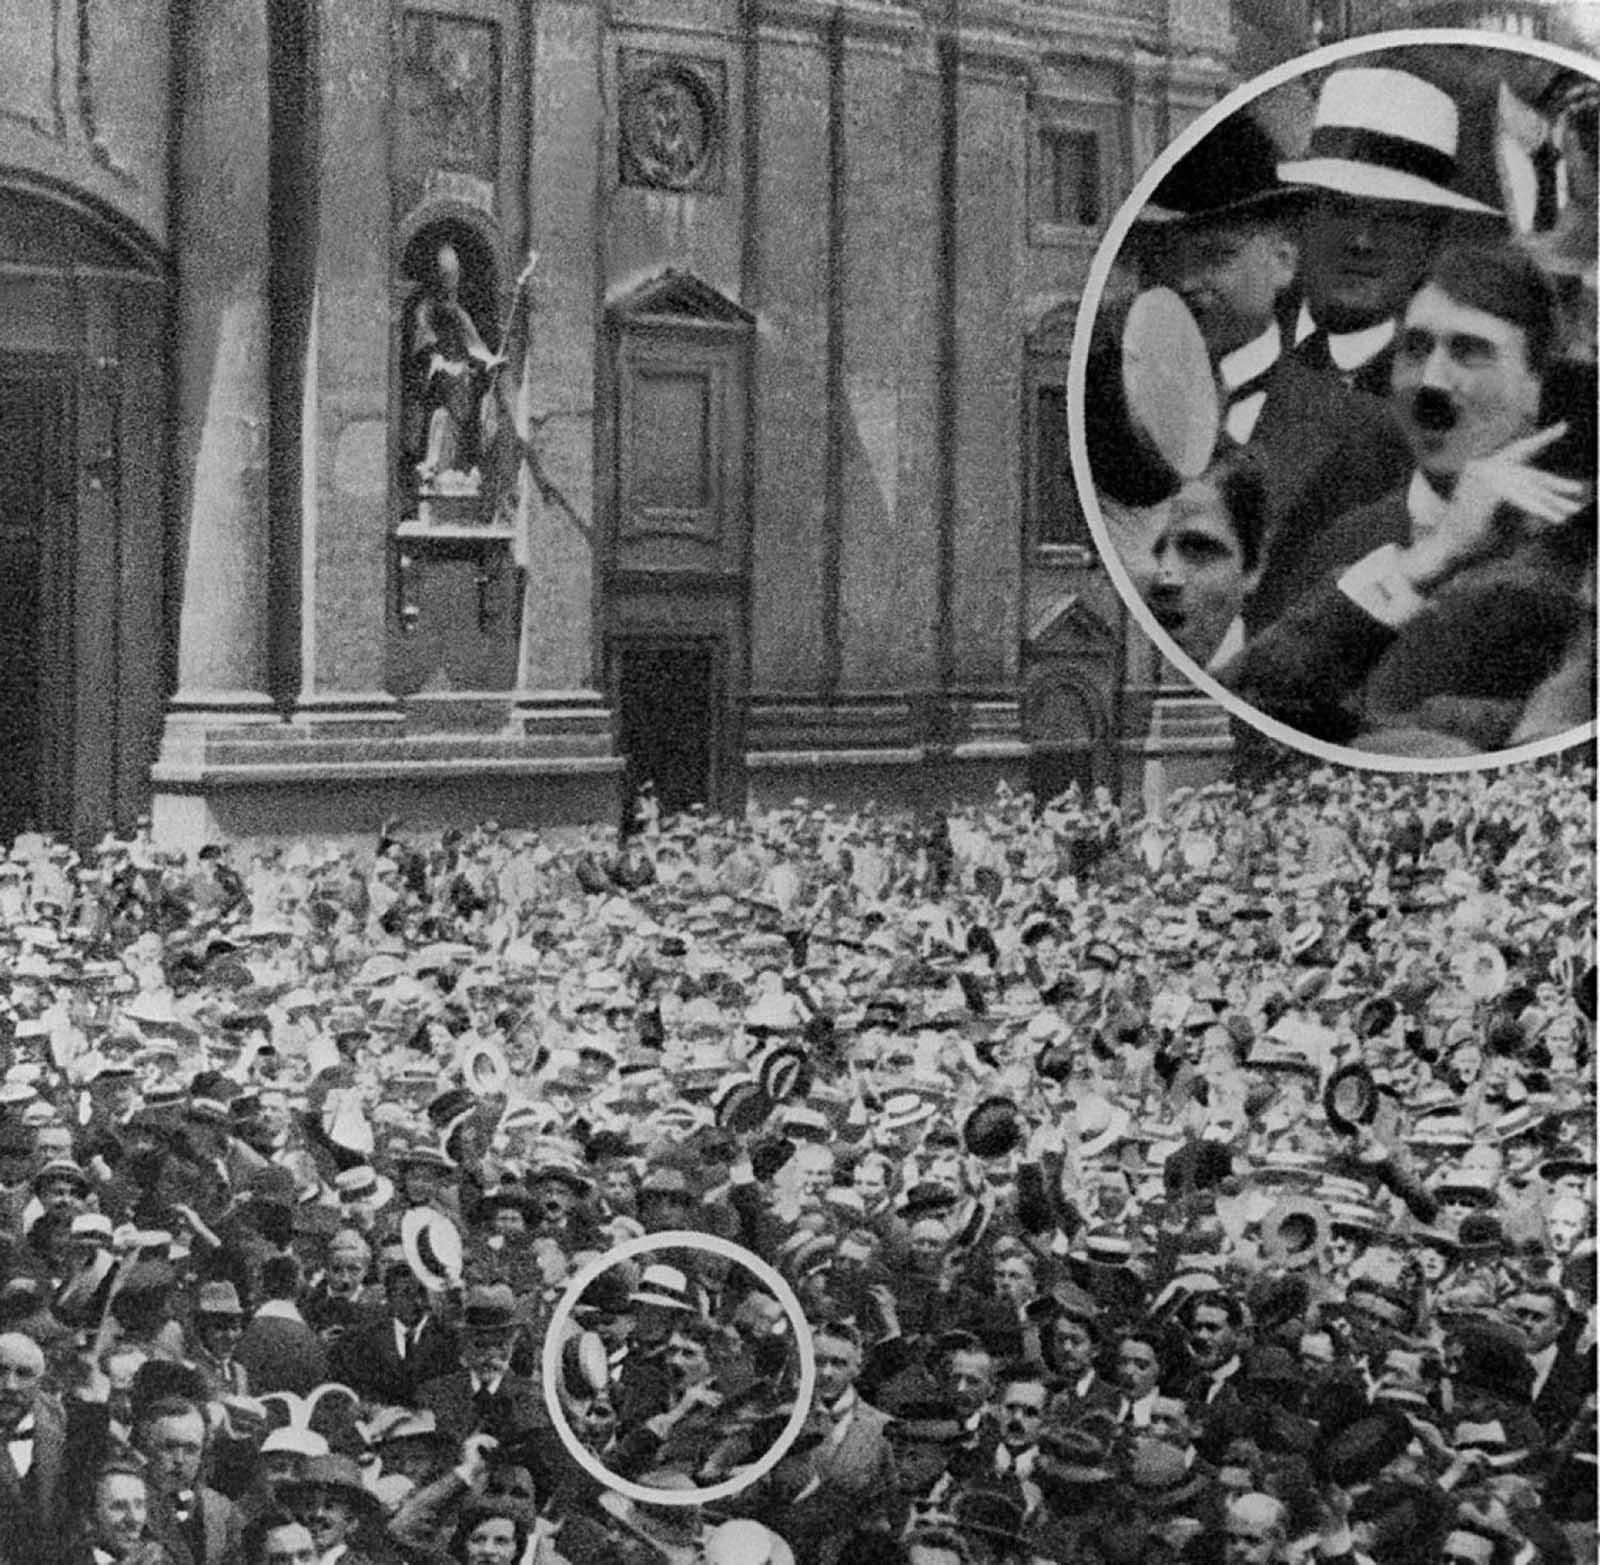 <p>В деня преди изборите за райхспрезидент през 1932 г. е публикувана снимка, на която под лупа се вижда Хитлер на Одеонсплац през 1914 г.</p>